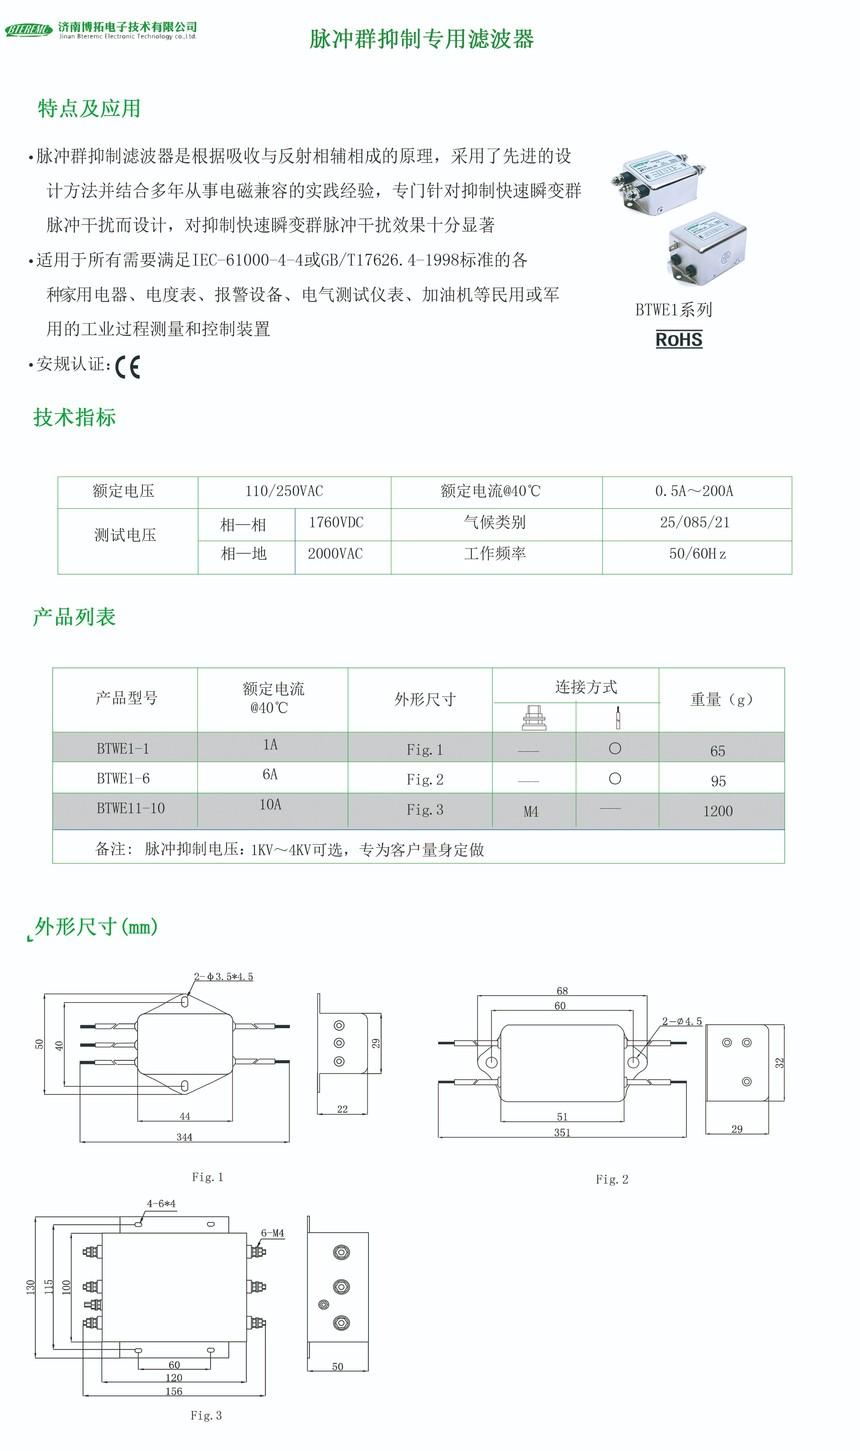 脉冲群抑制中文49.jpg